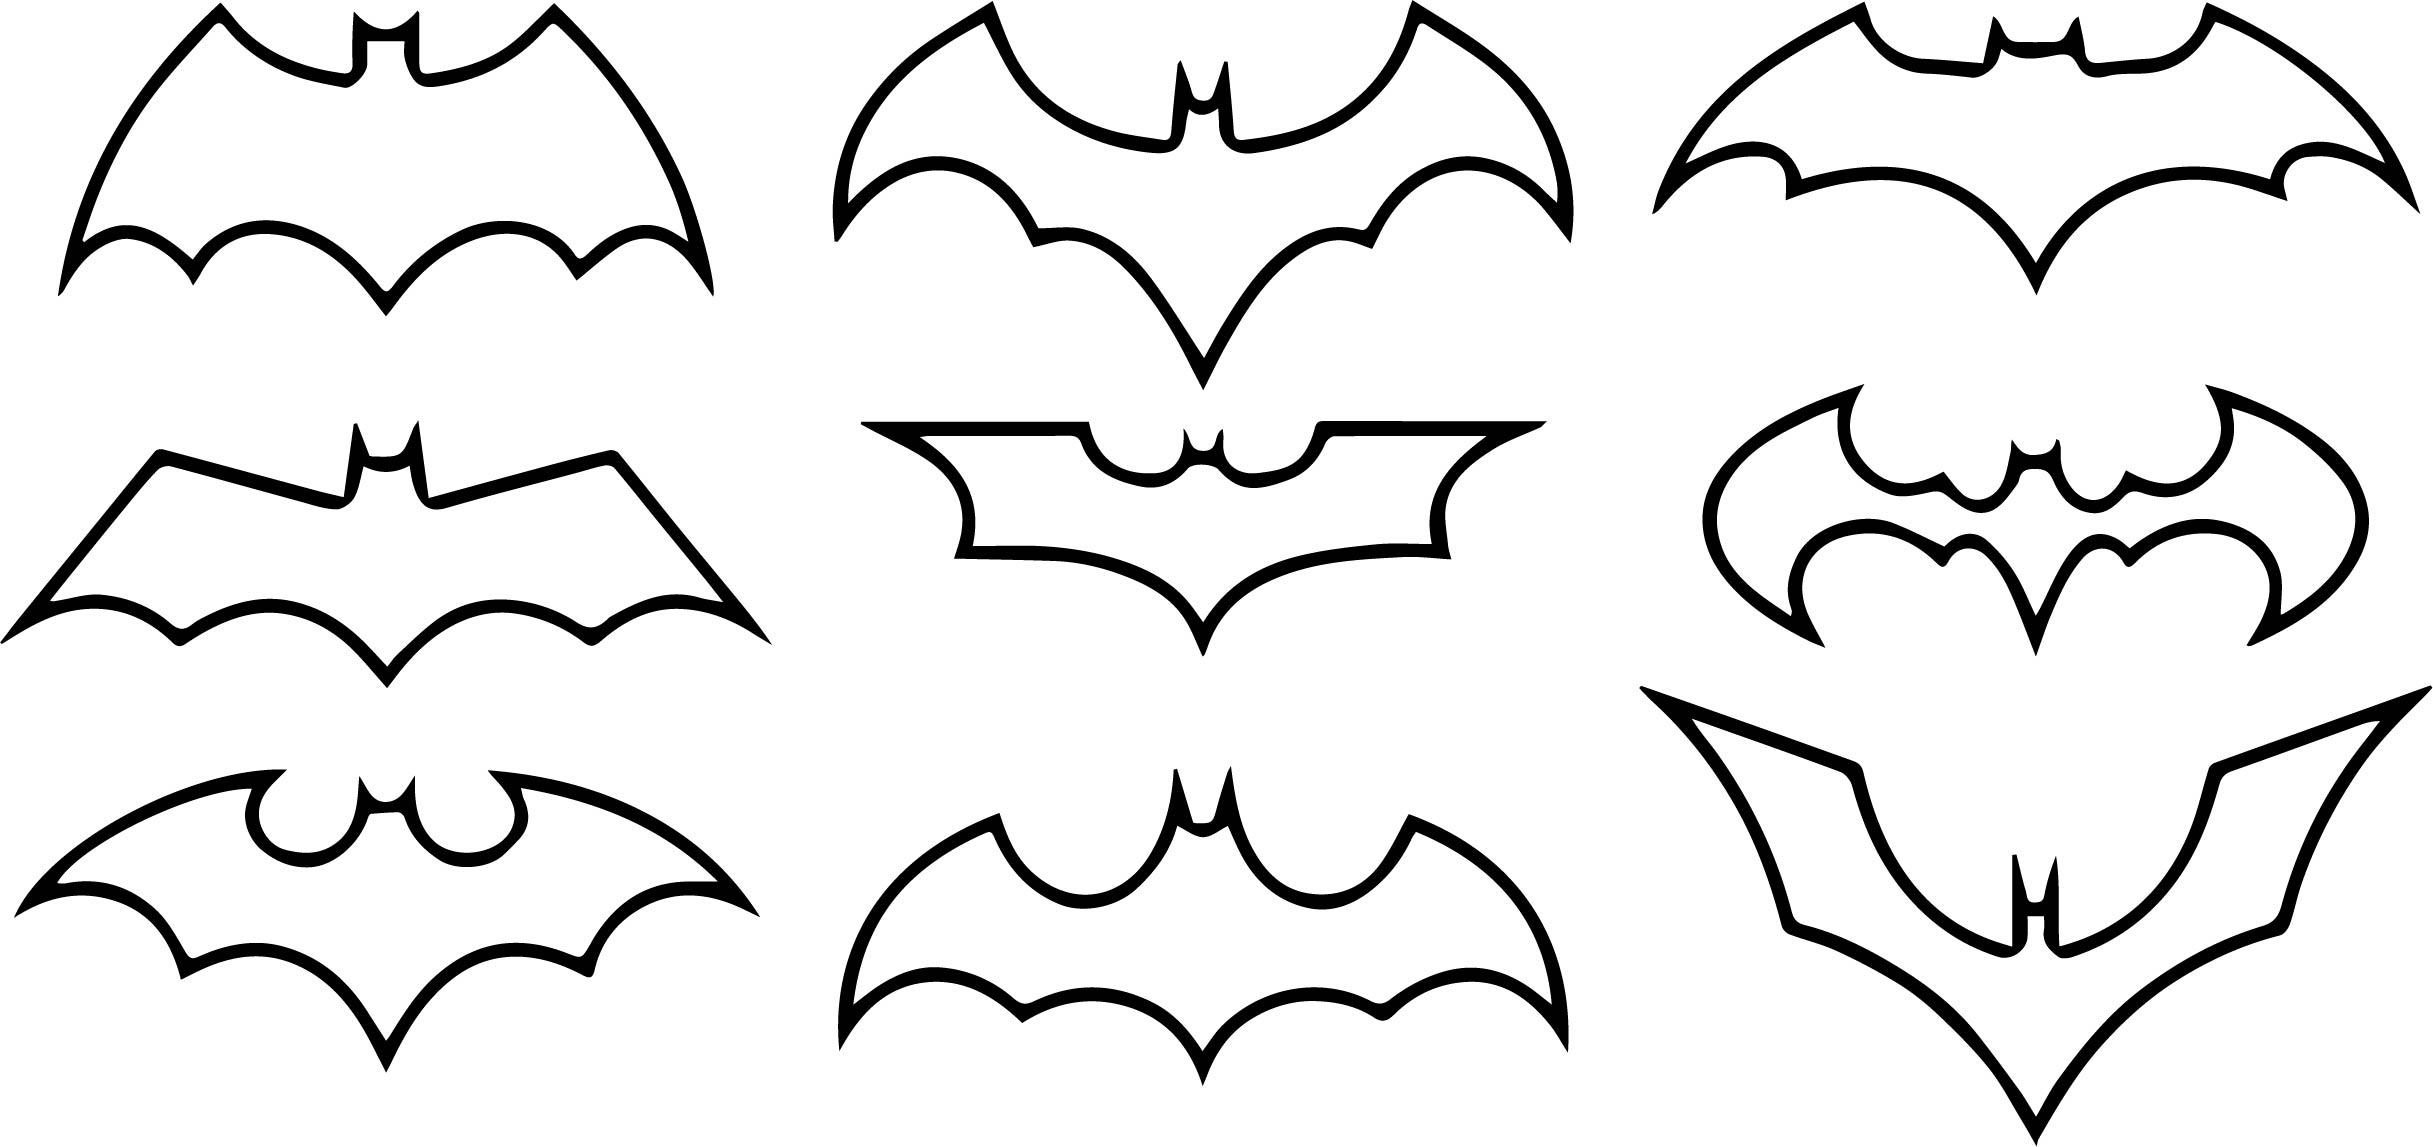 Batman symbol coloring page for Batman logo coloring pages